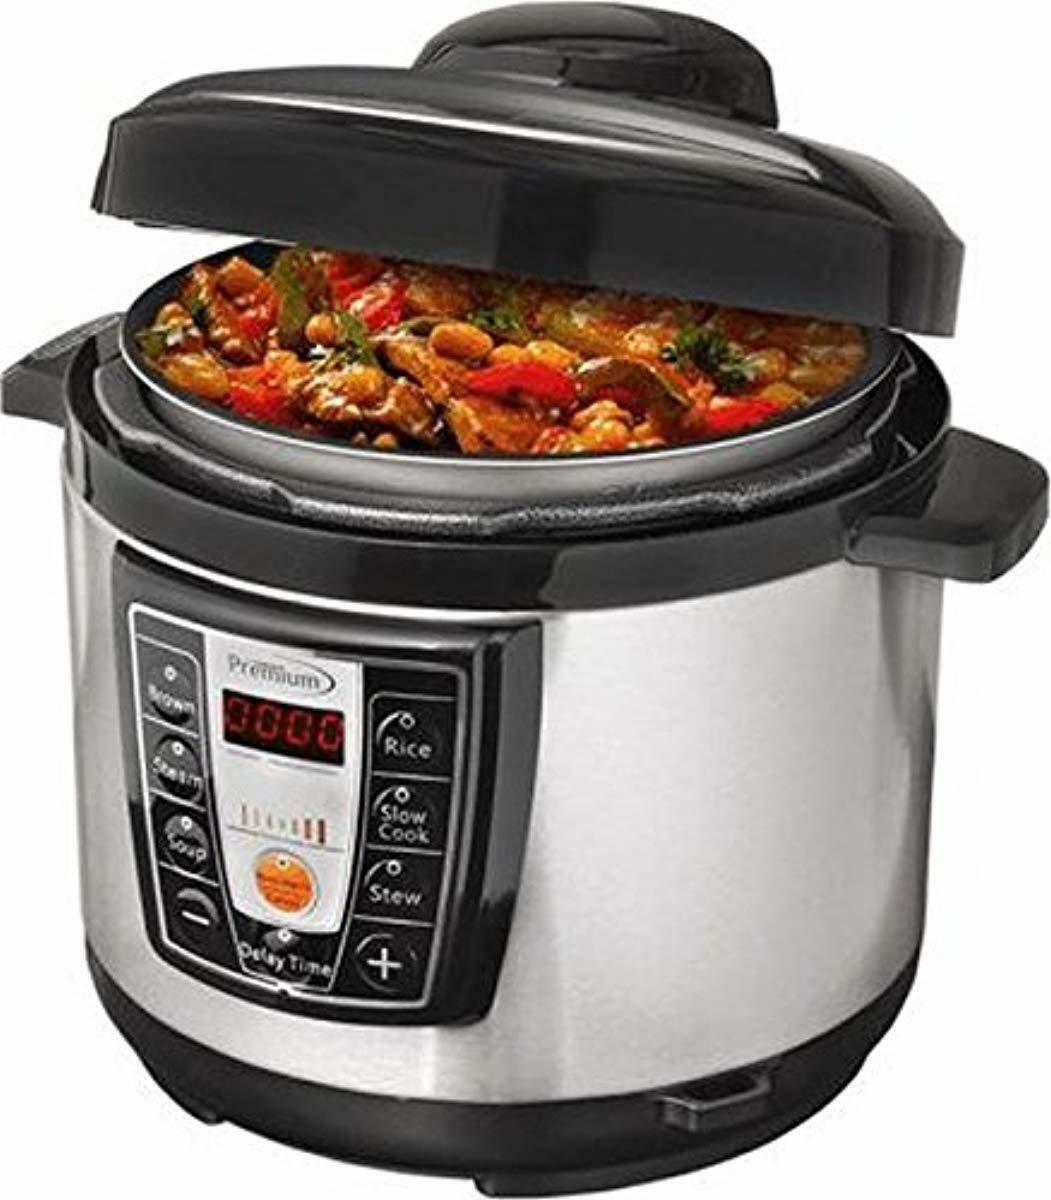 Olla presion Digital temperatura programmables coccion multiuso comida Sana Cocina